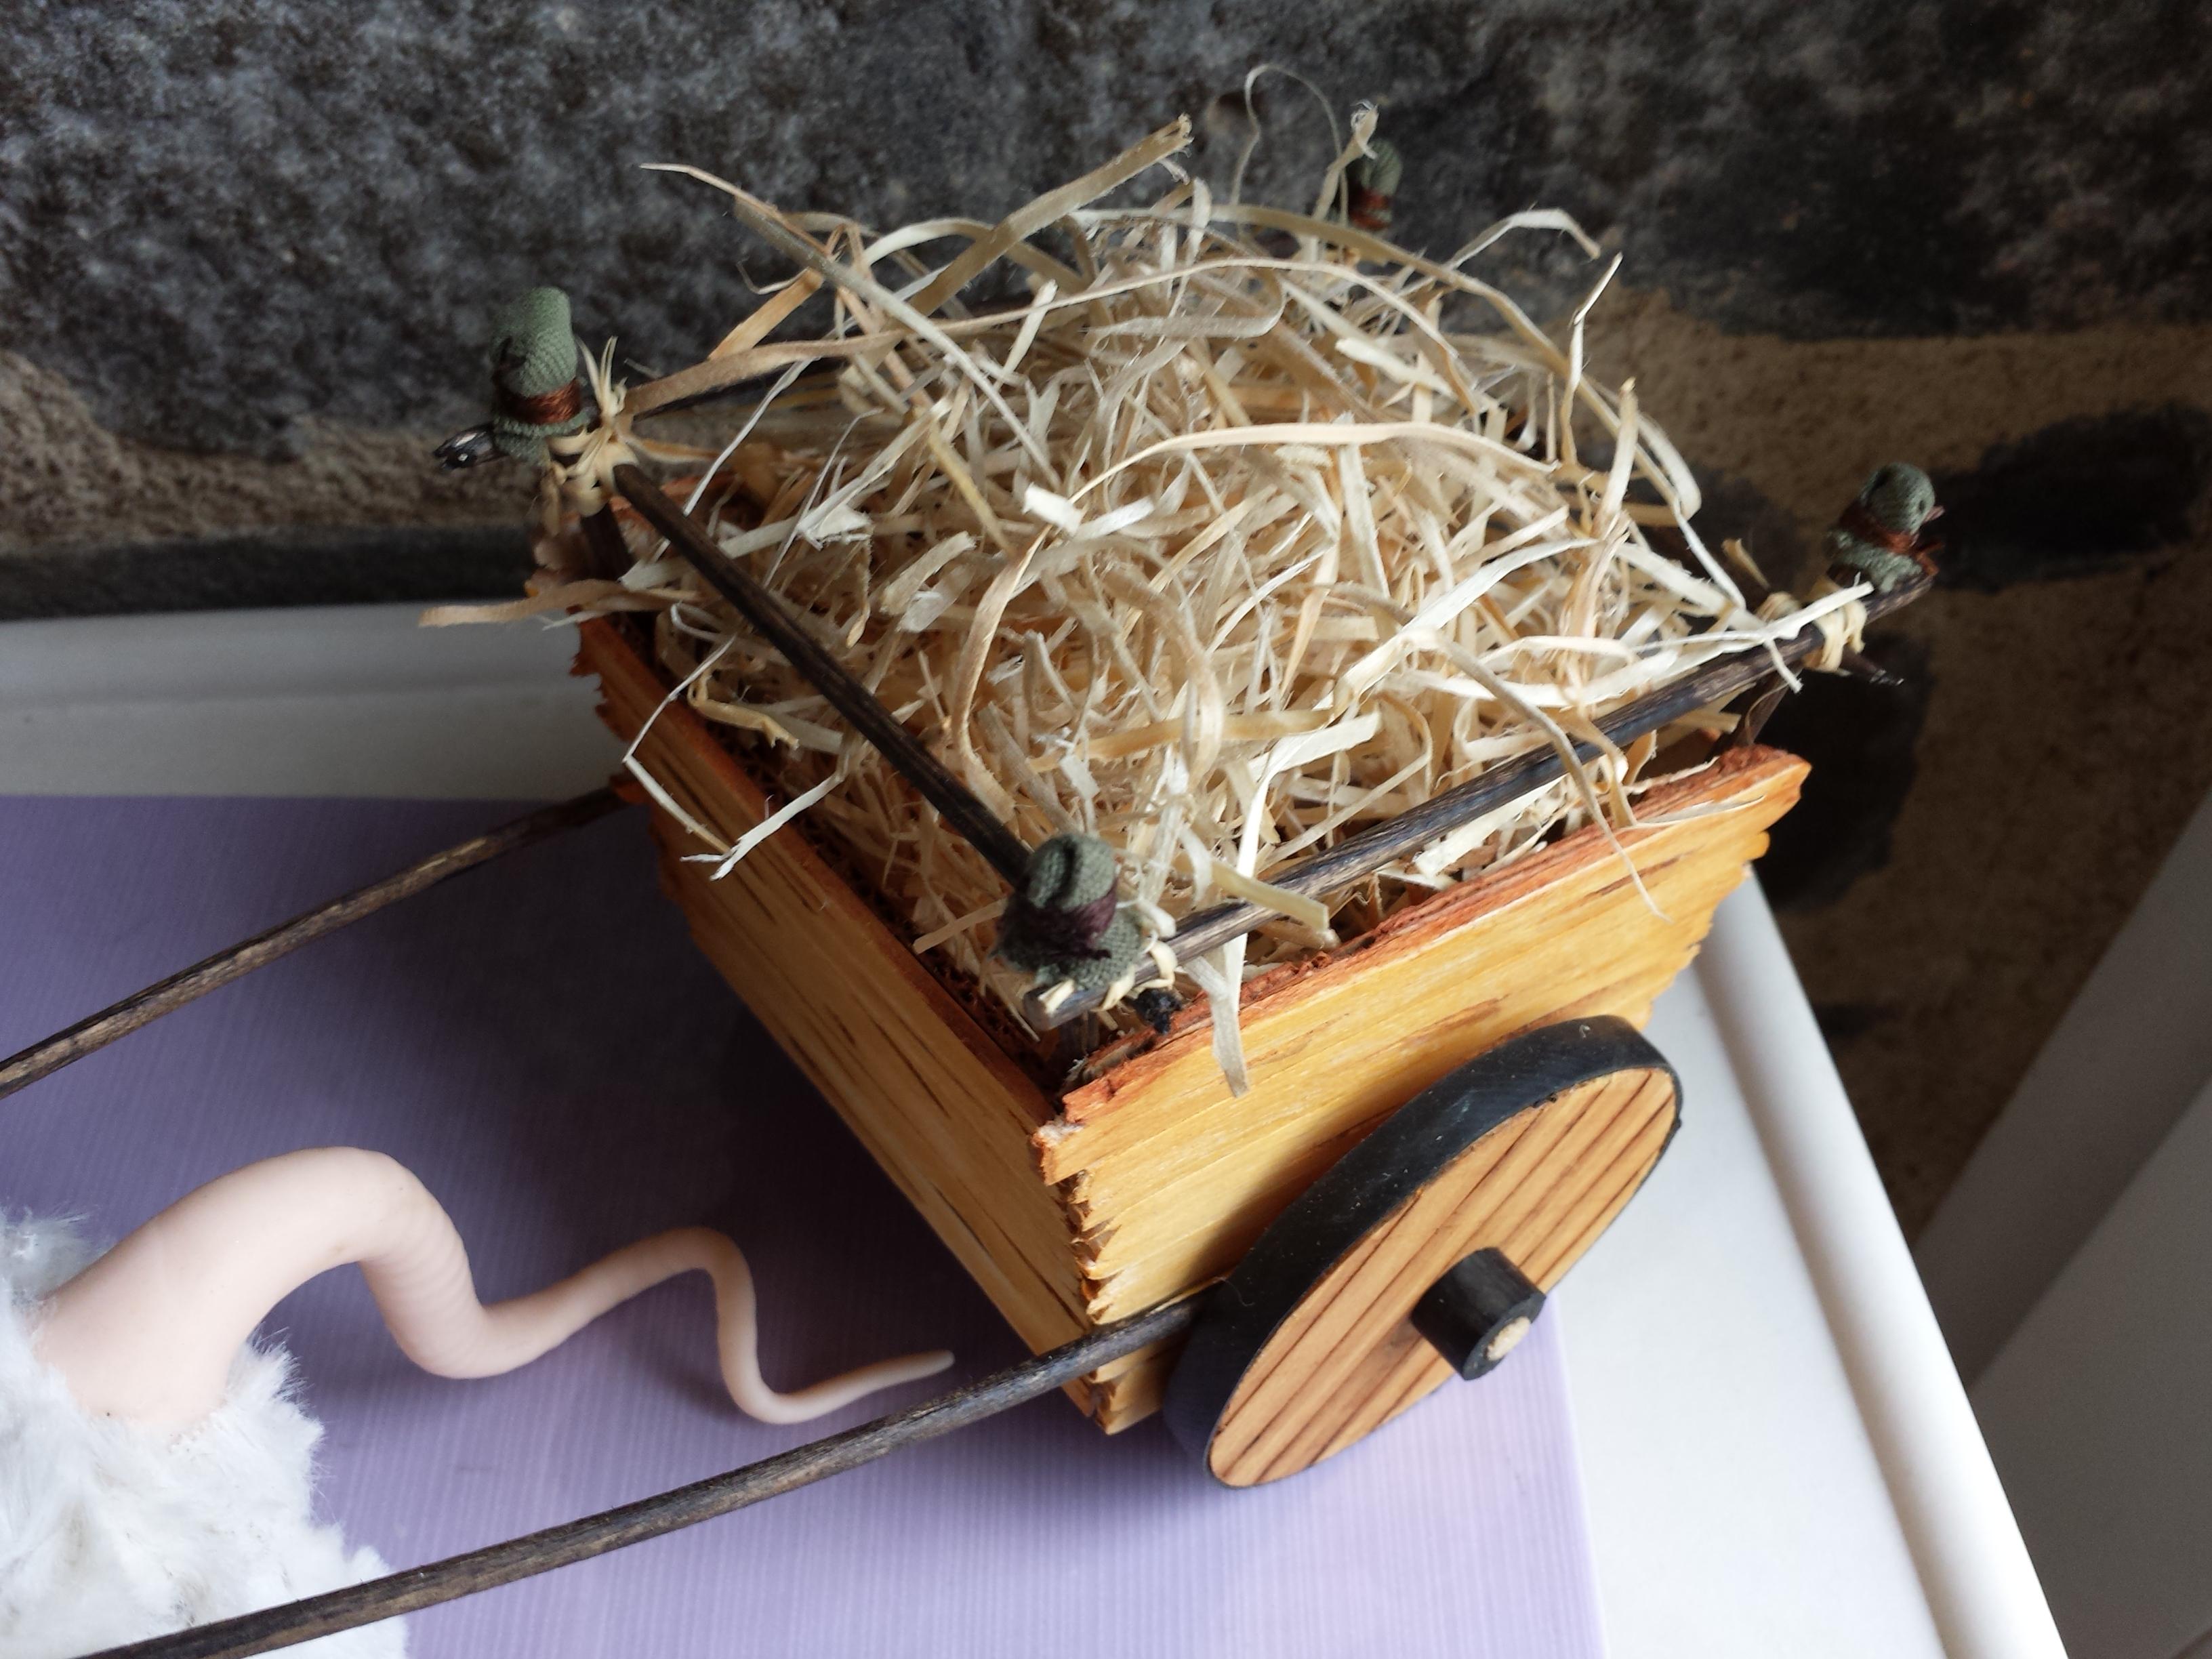 Le bousard de brucero 6 la charrette le jardin de la musaraigne - Acheter de la paille pour jardin ...